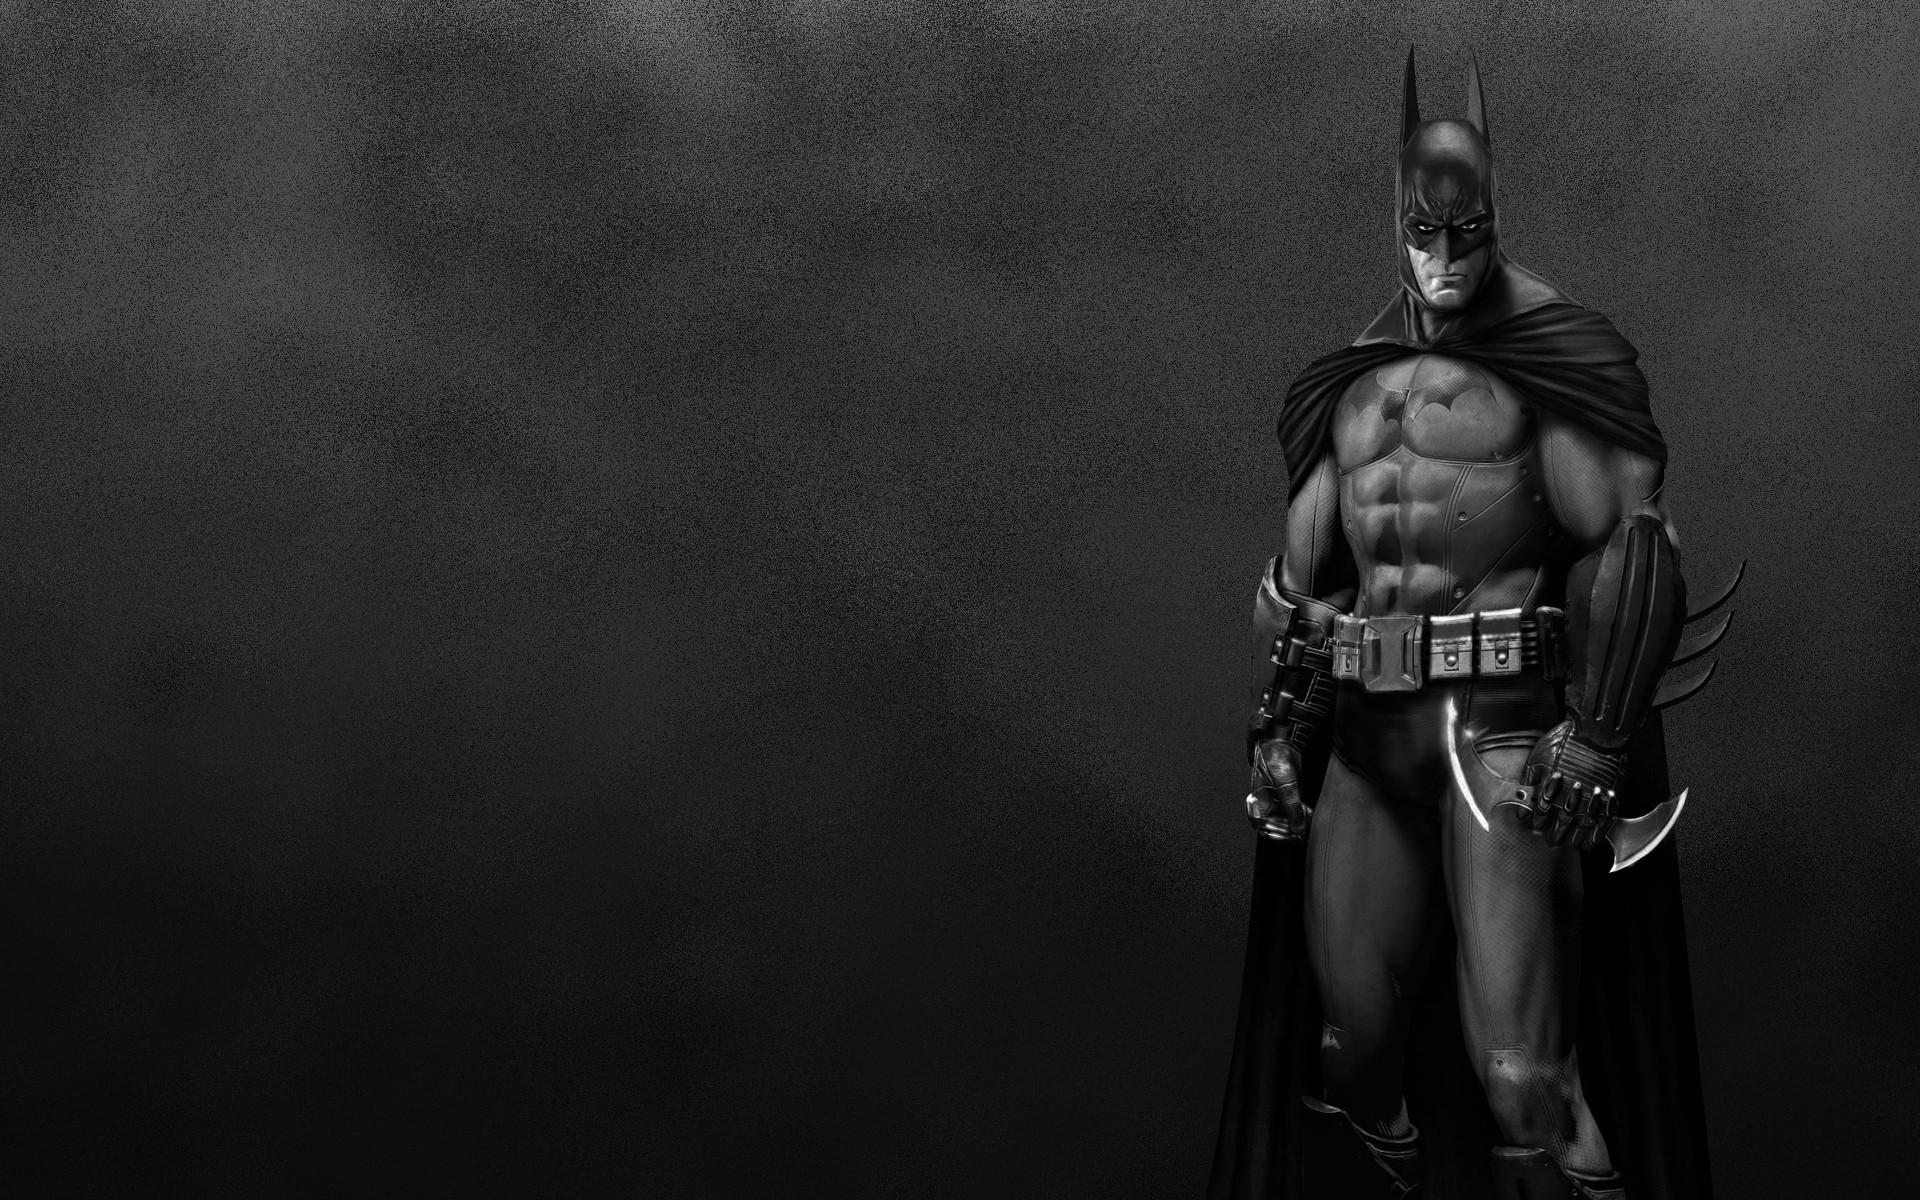 Batman wallpaper download now. Batman wallpaper HD